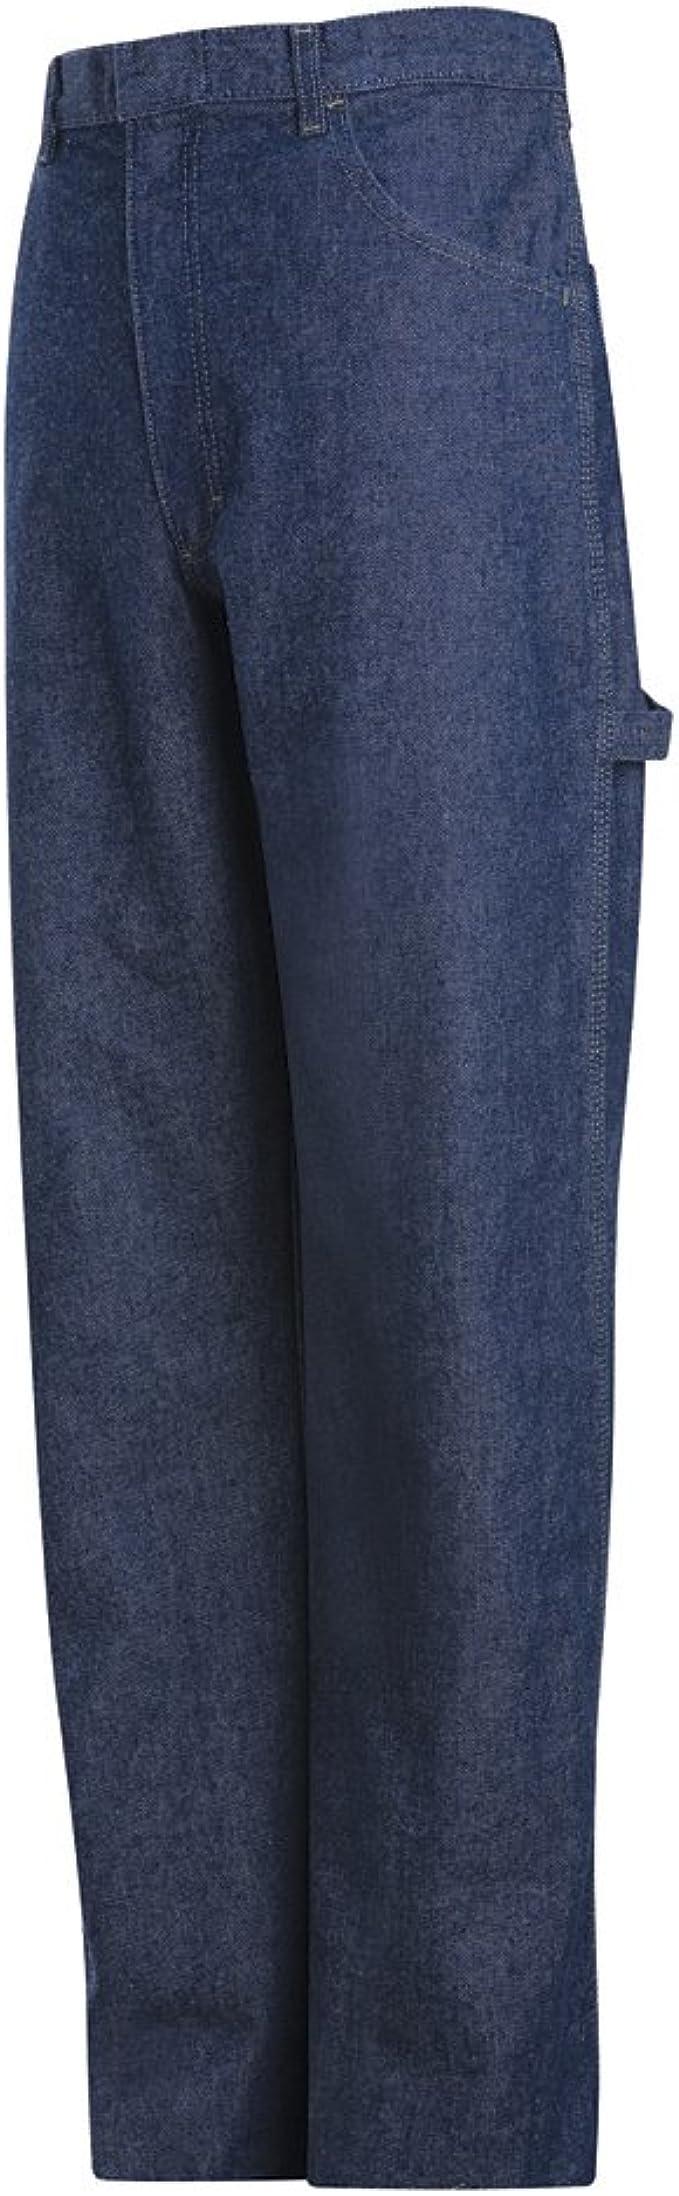 EXCEL FR Mens Bulwark Pre-washed Denim Dungaree Blue Denim 14.75 oz